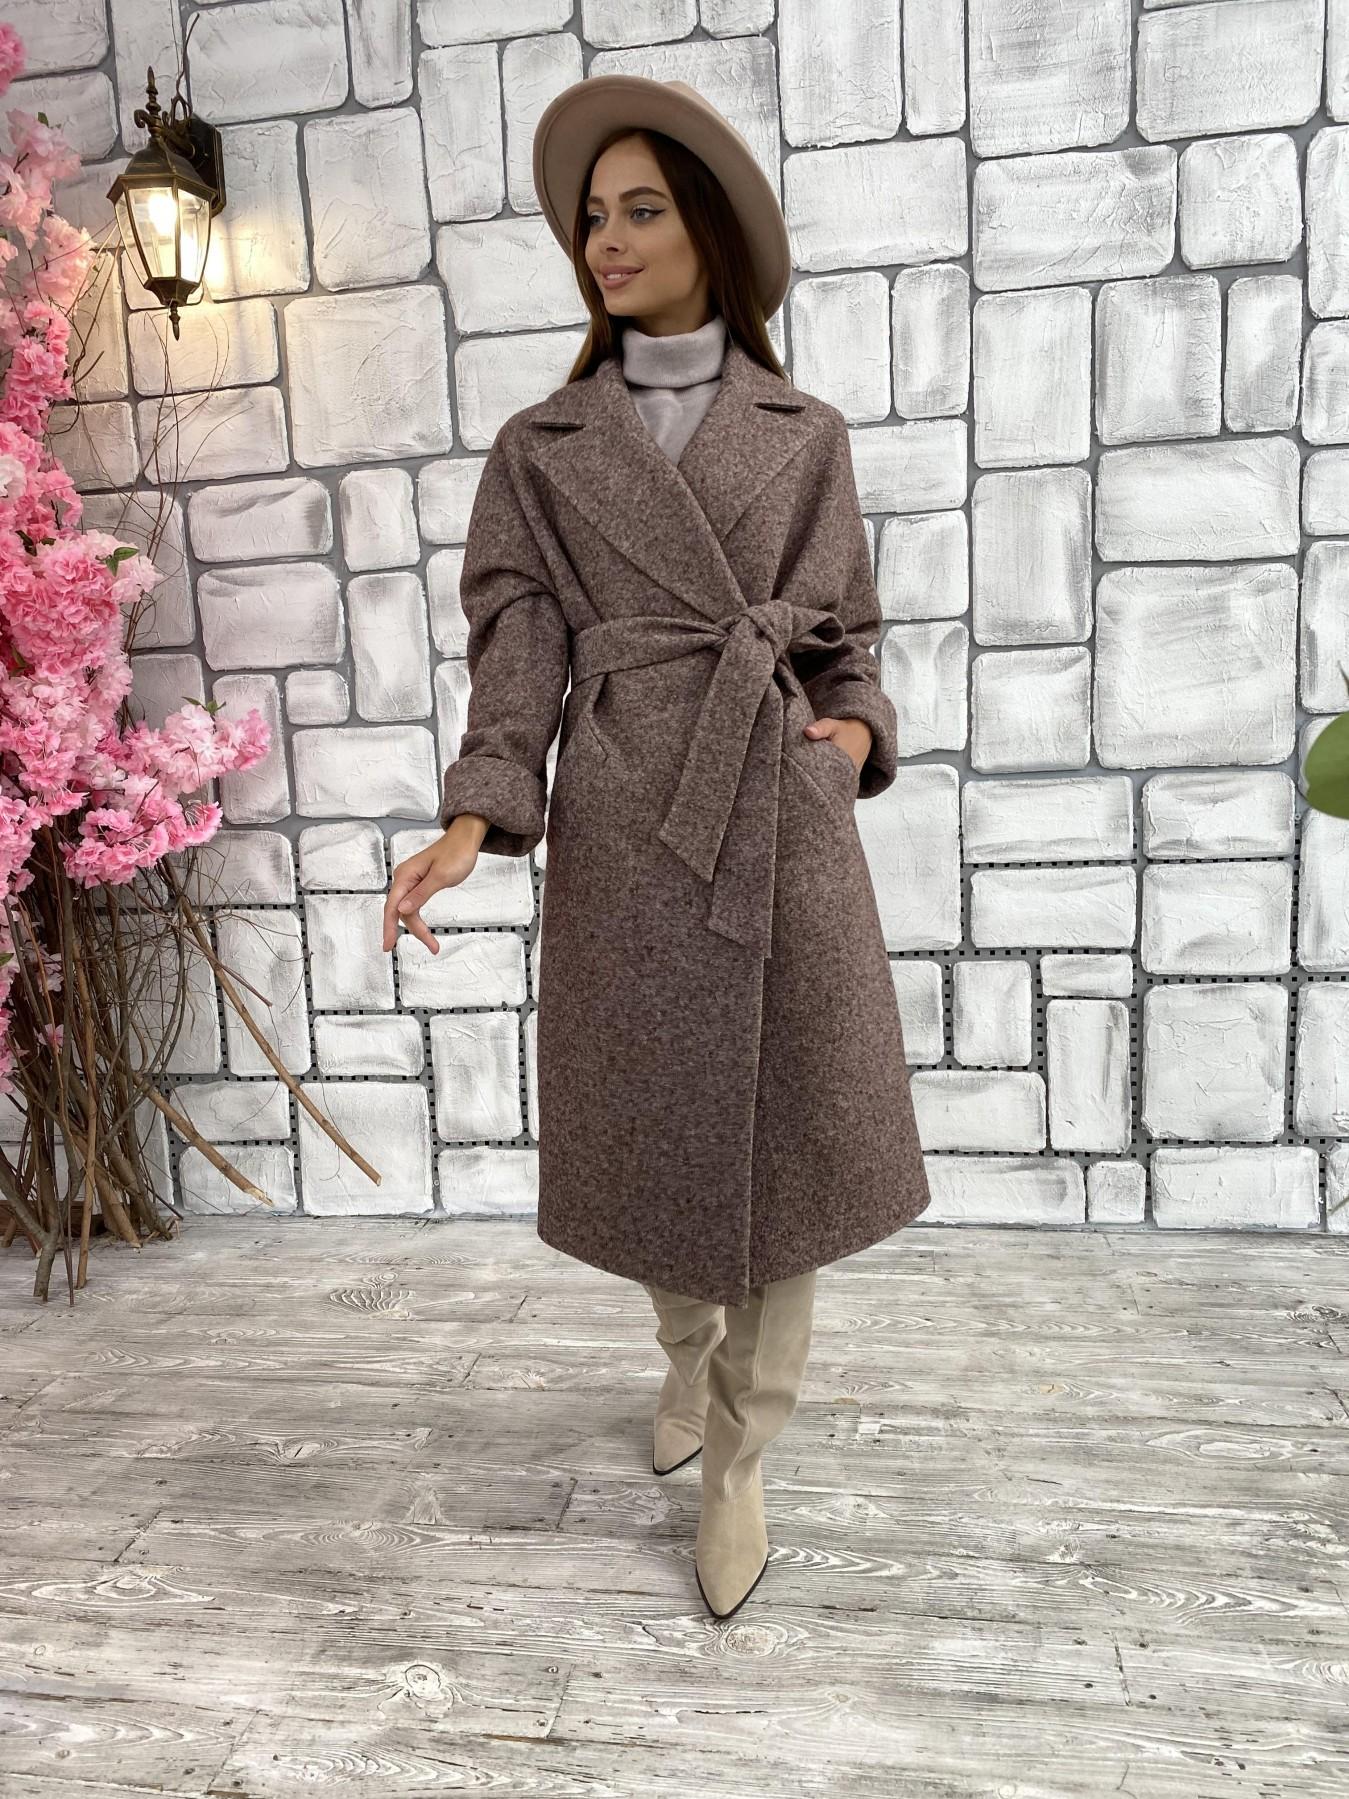 Влада шерсть варенка ткань пальто 11639 АРТ. 48350 Цвет: Кофе - фото 1, интернет магазин tm-modus.ru